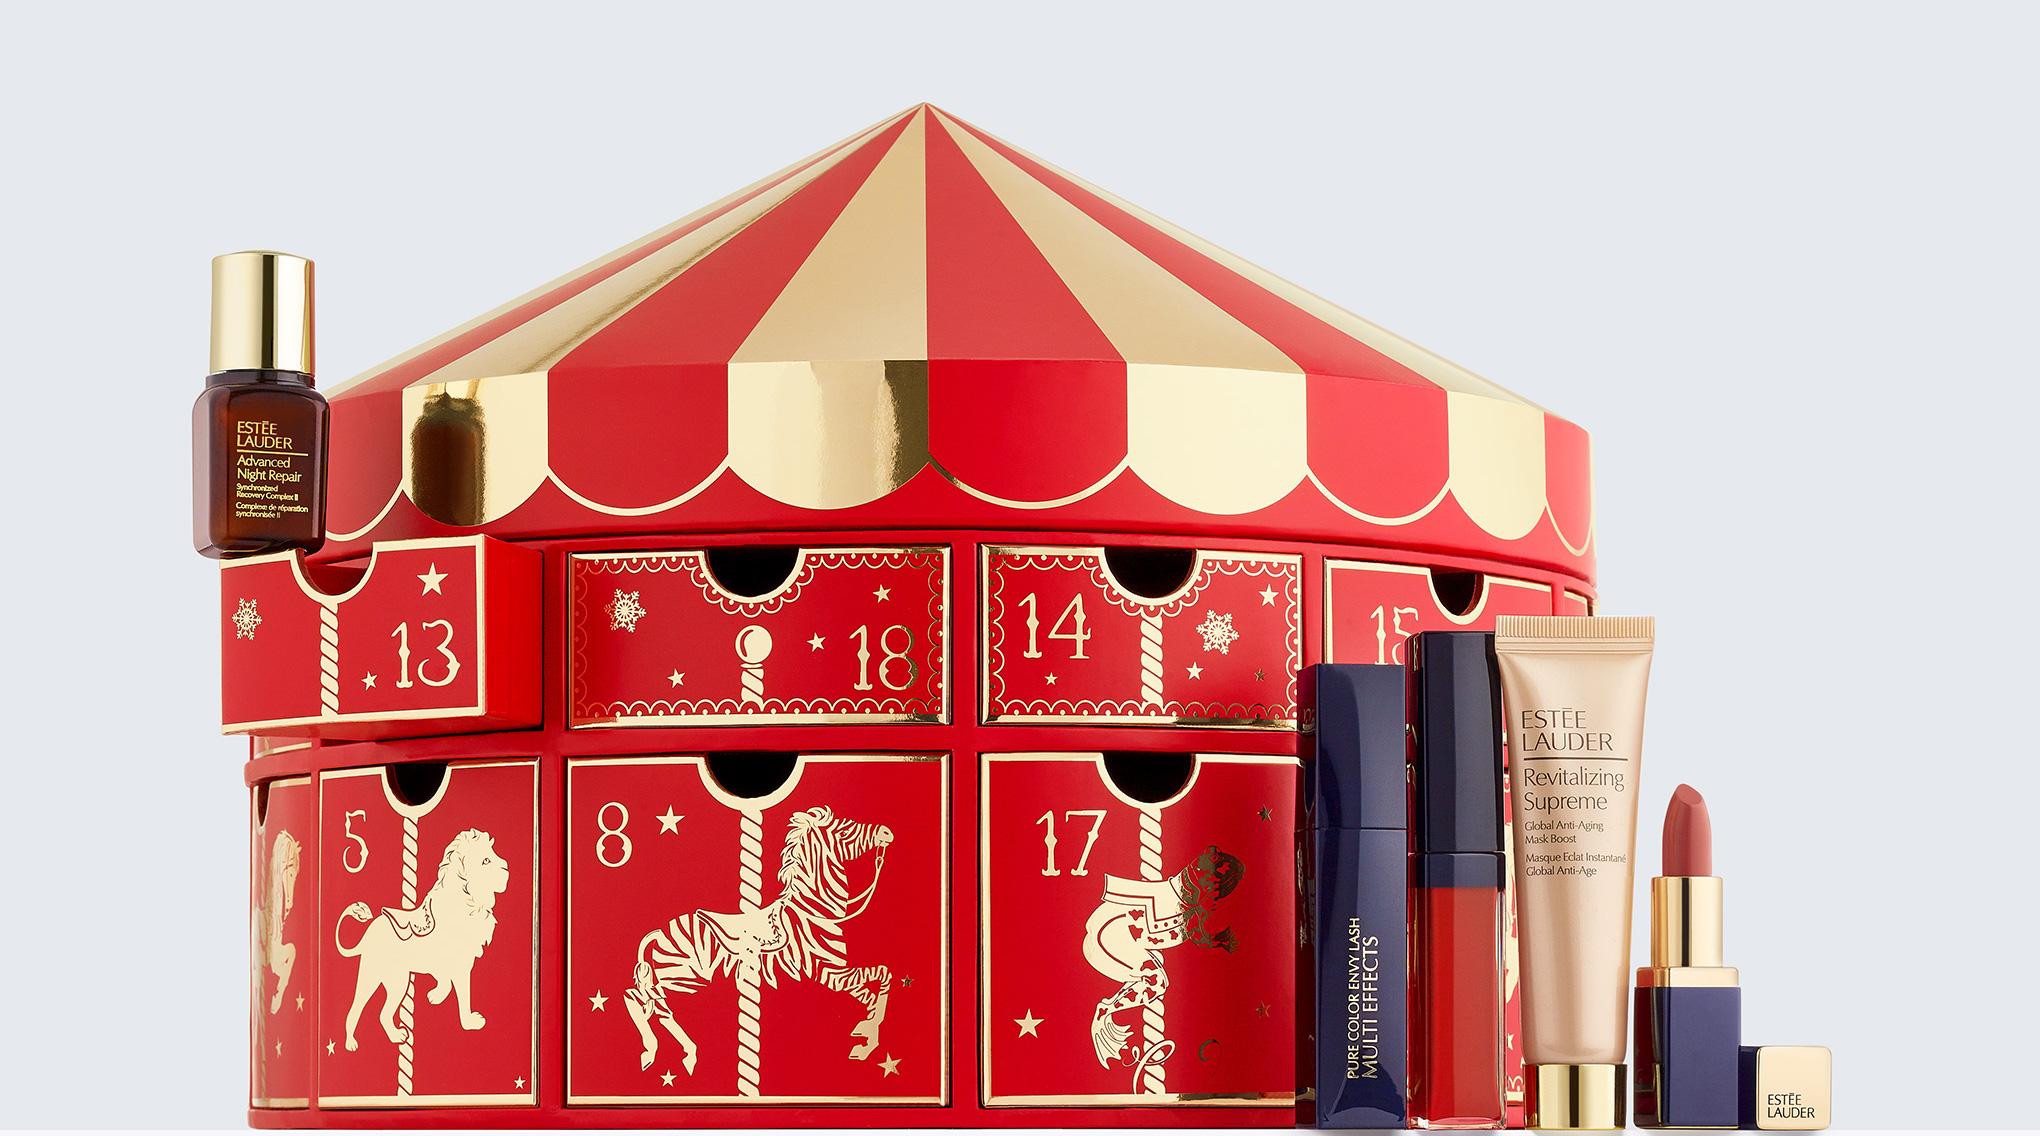 玩幸褔聖誕旋轉盒抽正貨